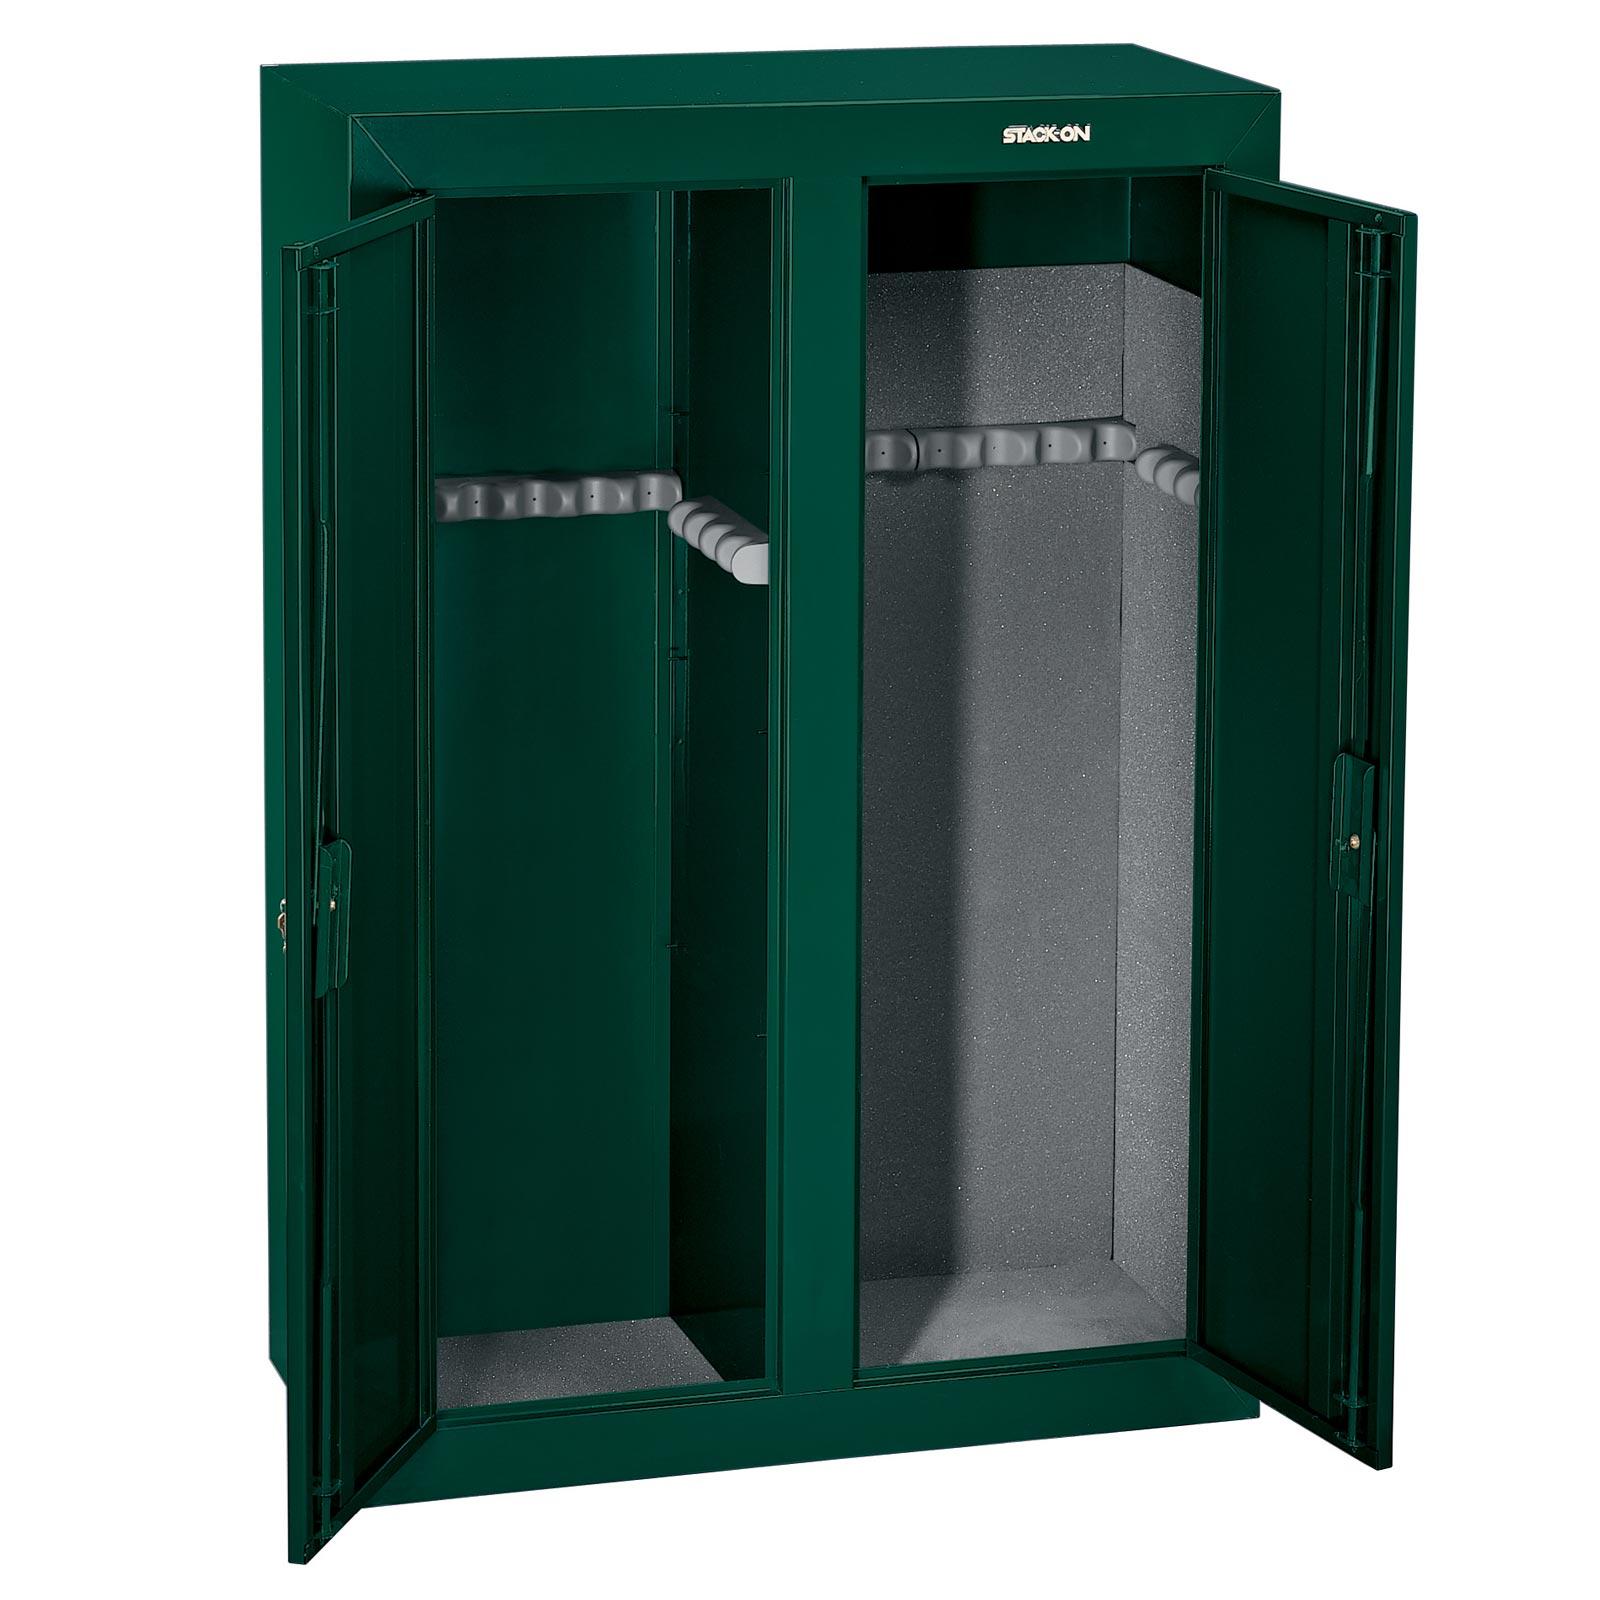 Stack-On GCDG-9216 Gun Cabinet Convertible Double Door ...